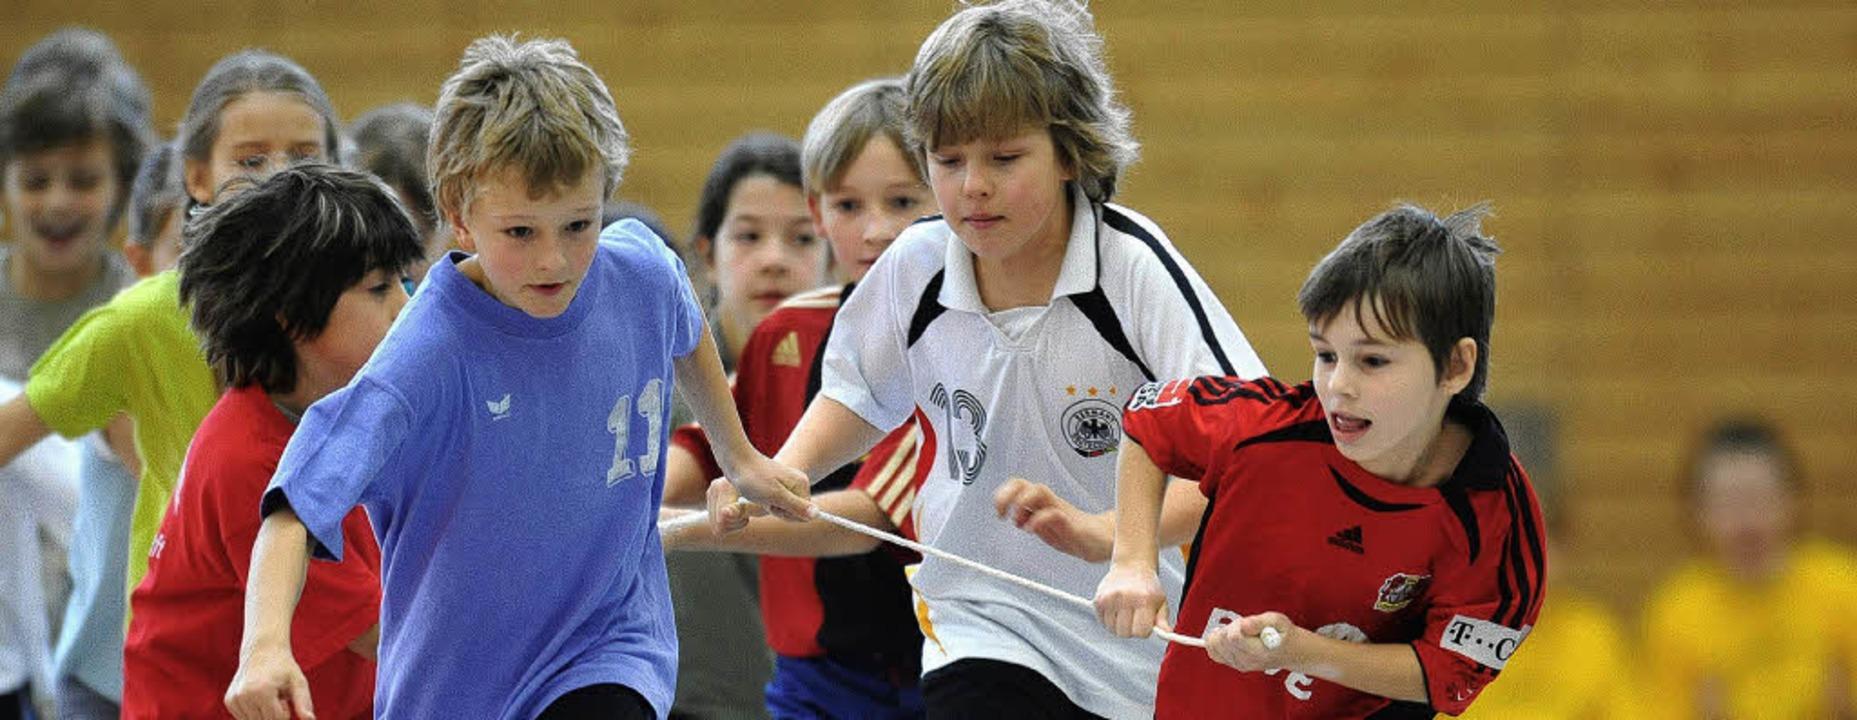 Schulsport kann Spaß machen, wenn er gut ist: Kinder beim Sprinten     Foto: dpa